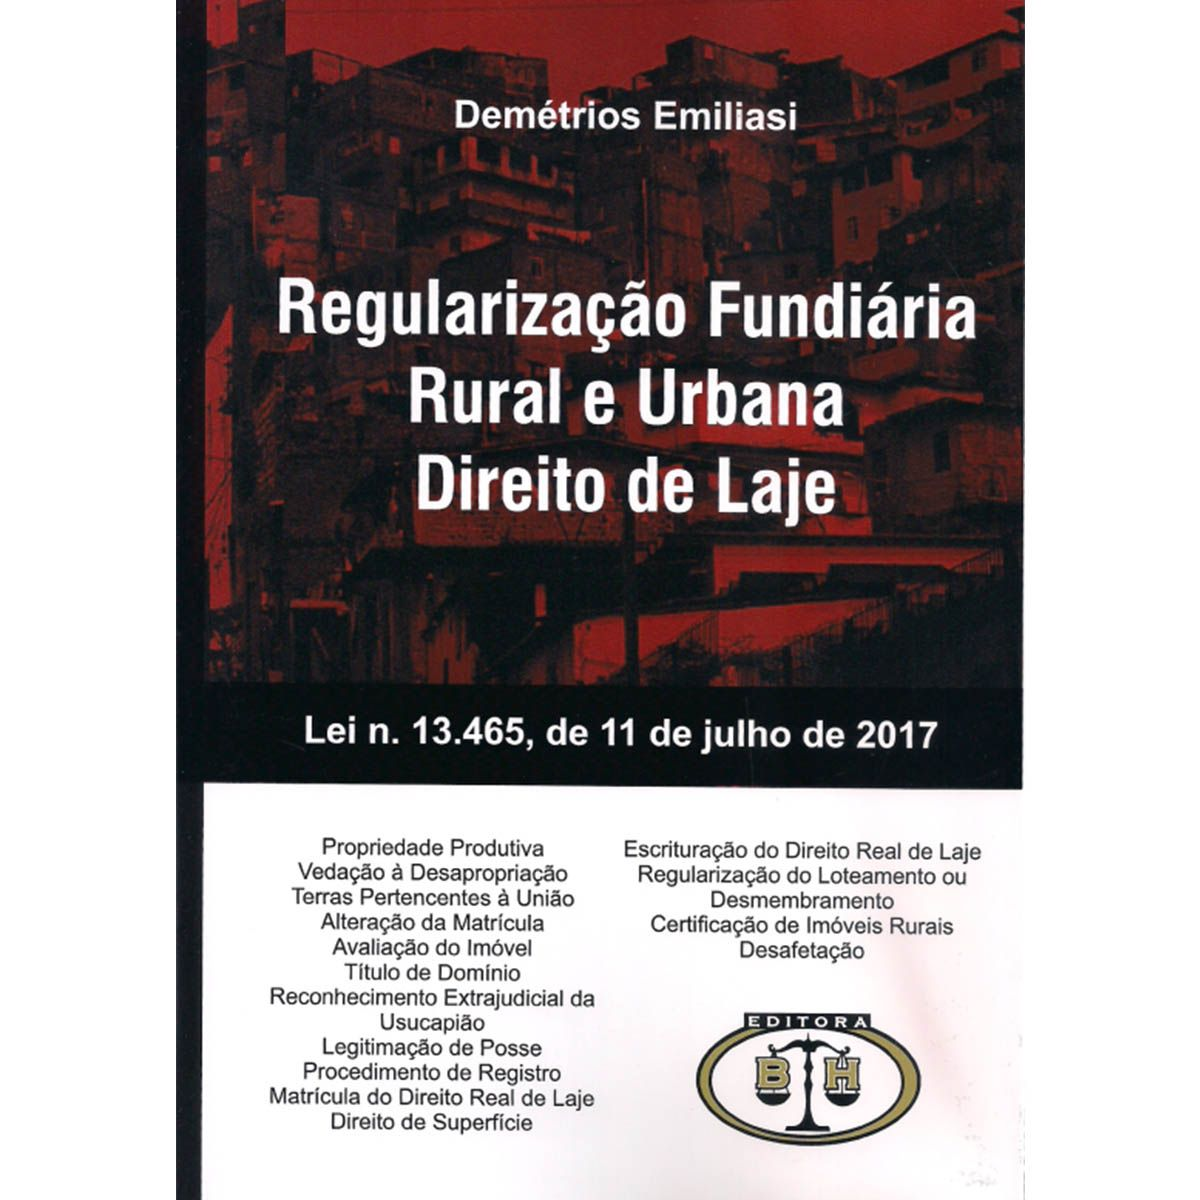 Regularização Fundiária Rural e Urbana - Direito de Laje